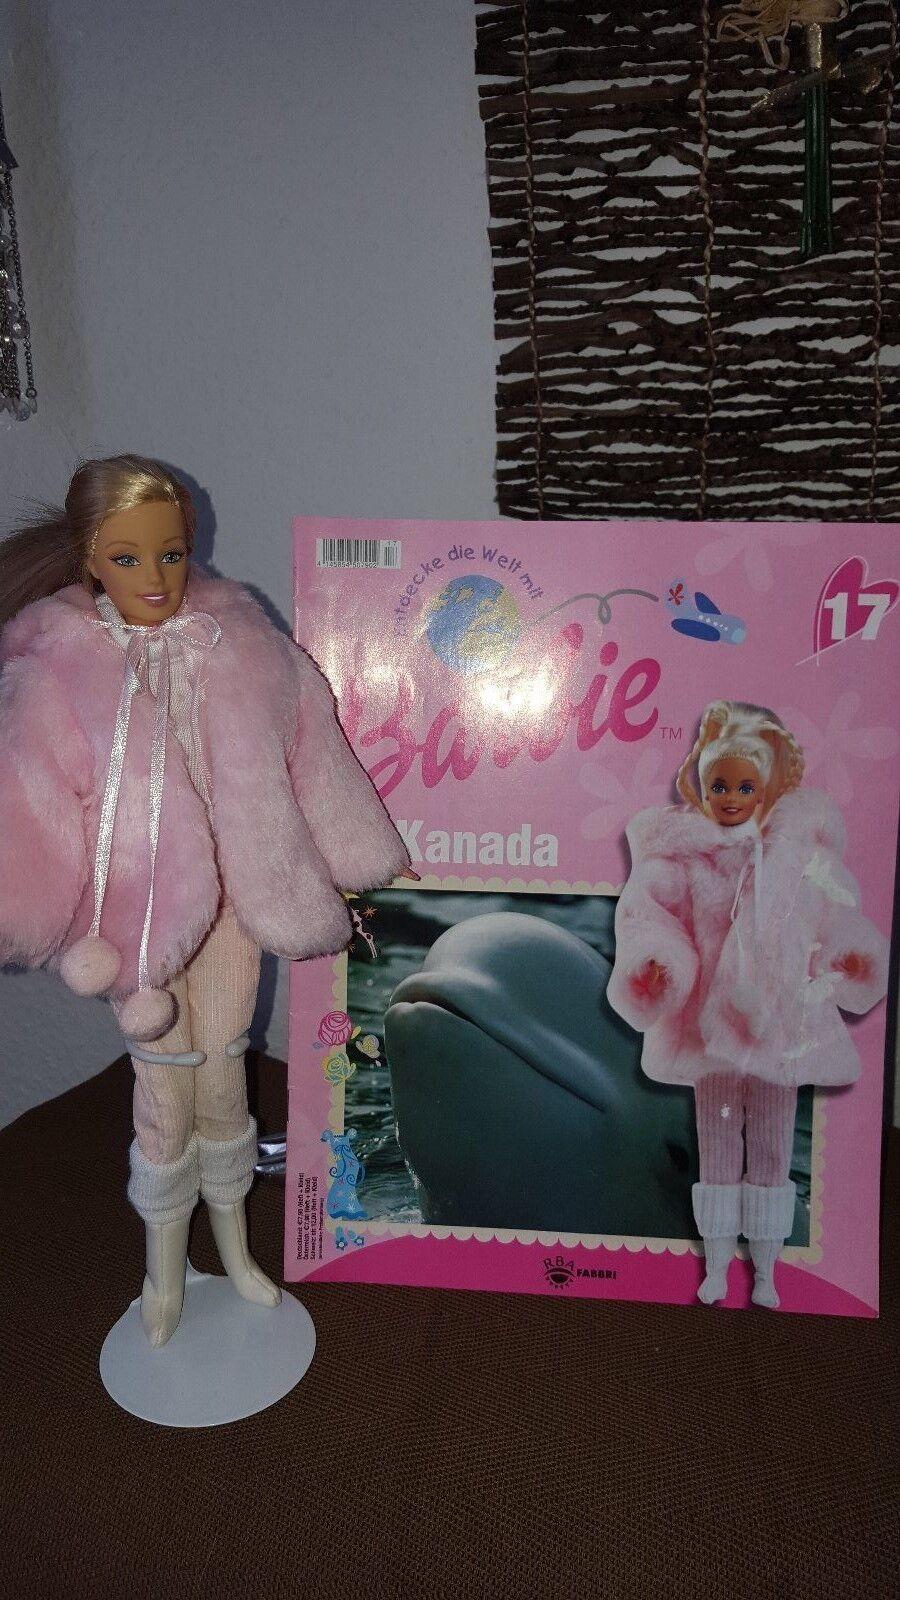 Entdecke die Welt mit mit mit Barbie Heft 17Kanada  Barbie & Kleidung 2392d0